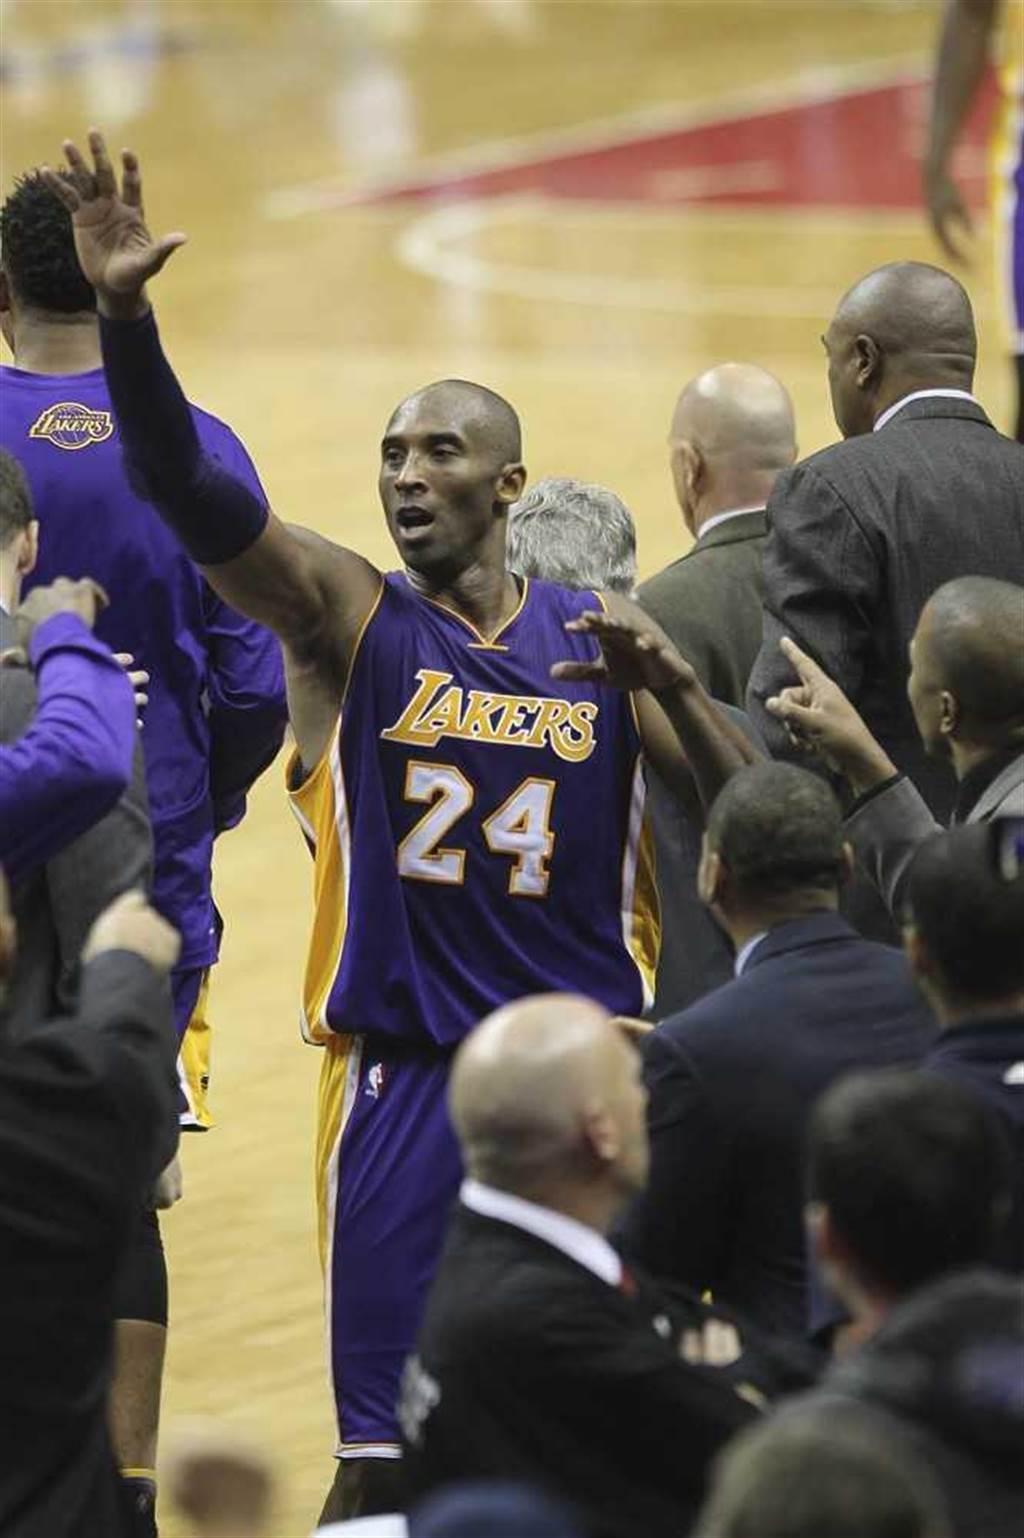 柯比布萊恩(Kobe Bryant),享年41歲。(圖/達志/美聯社)